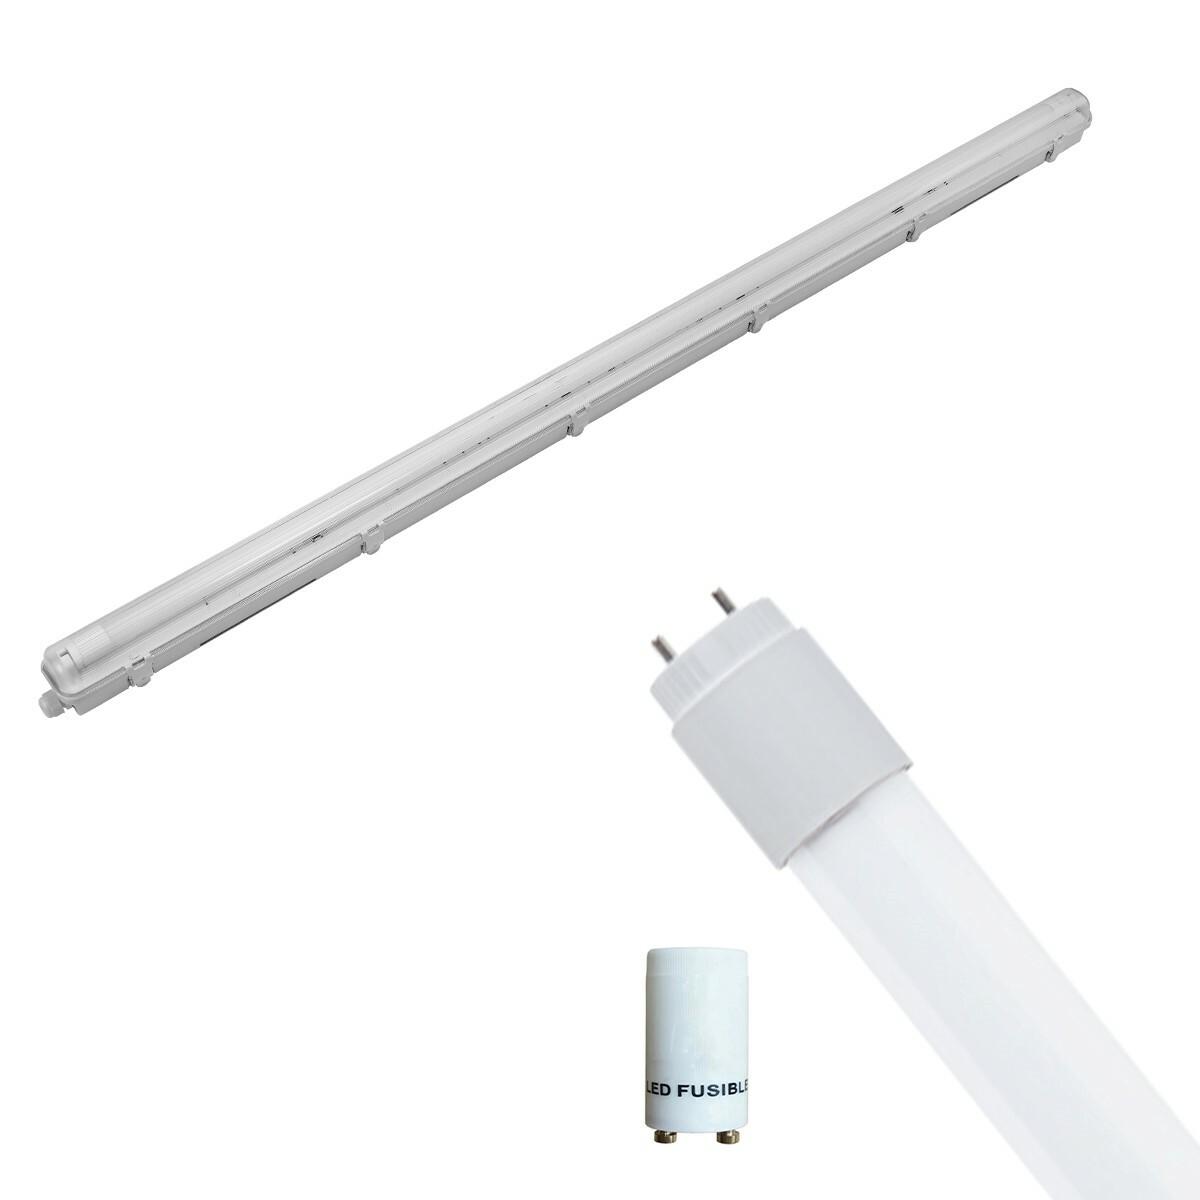 LED TL Armatuur met T8 Buis Incl. Starter - Pragmi Housing Pro - 150cm Enkel - 22W - Helder/Koud Wit